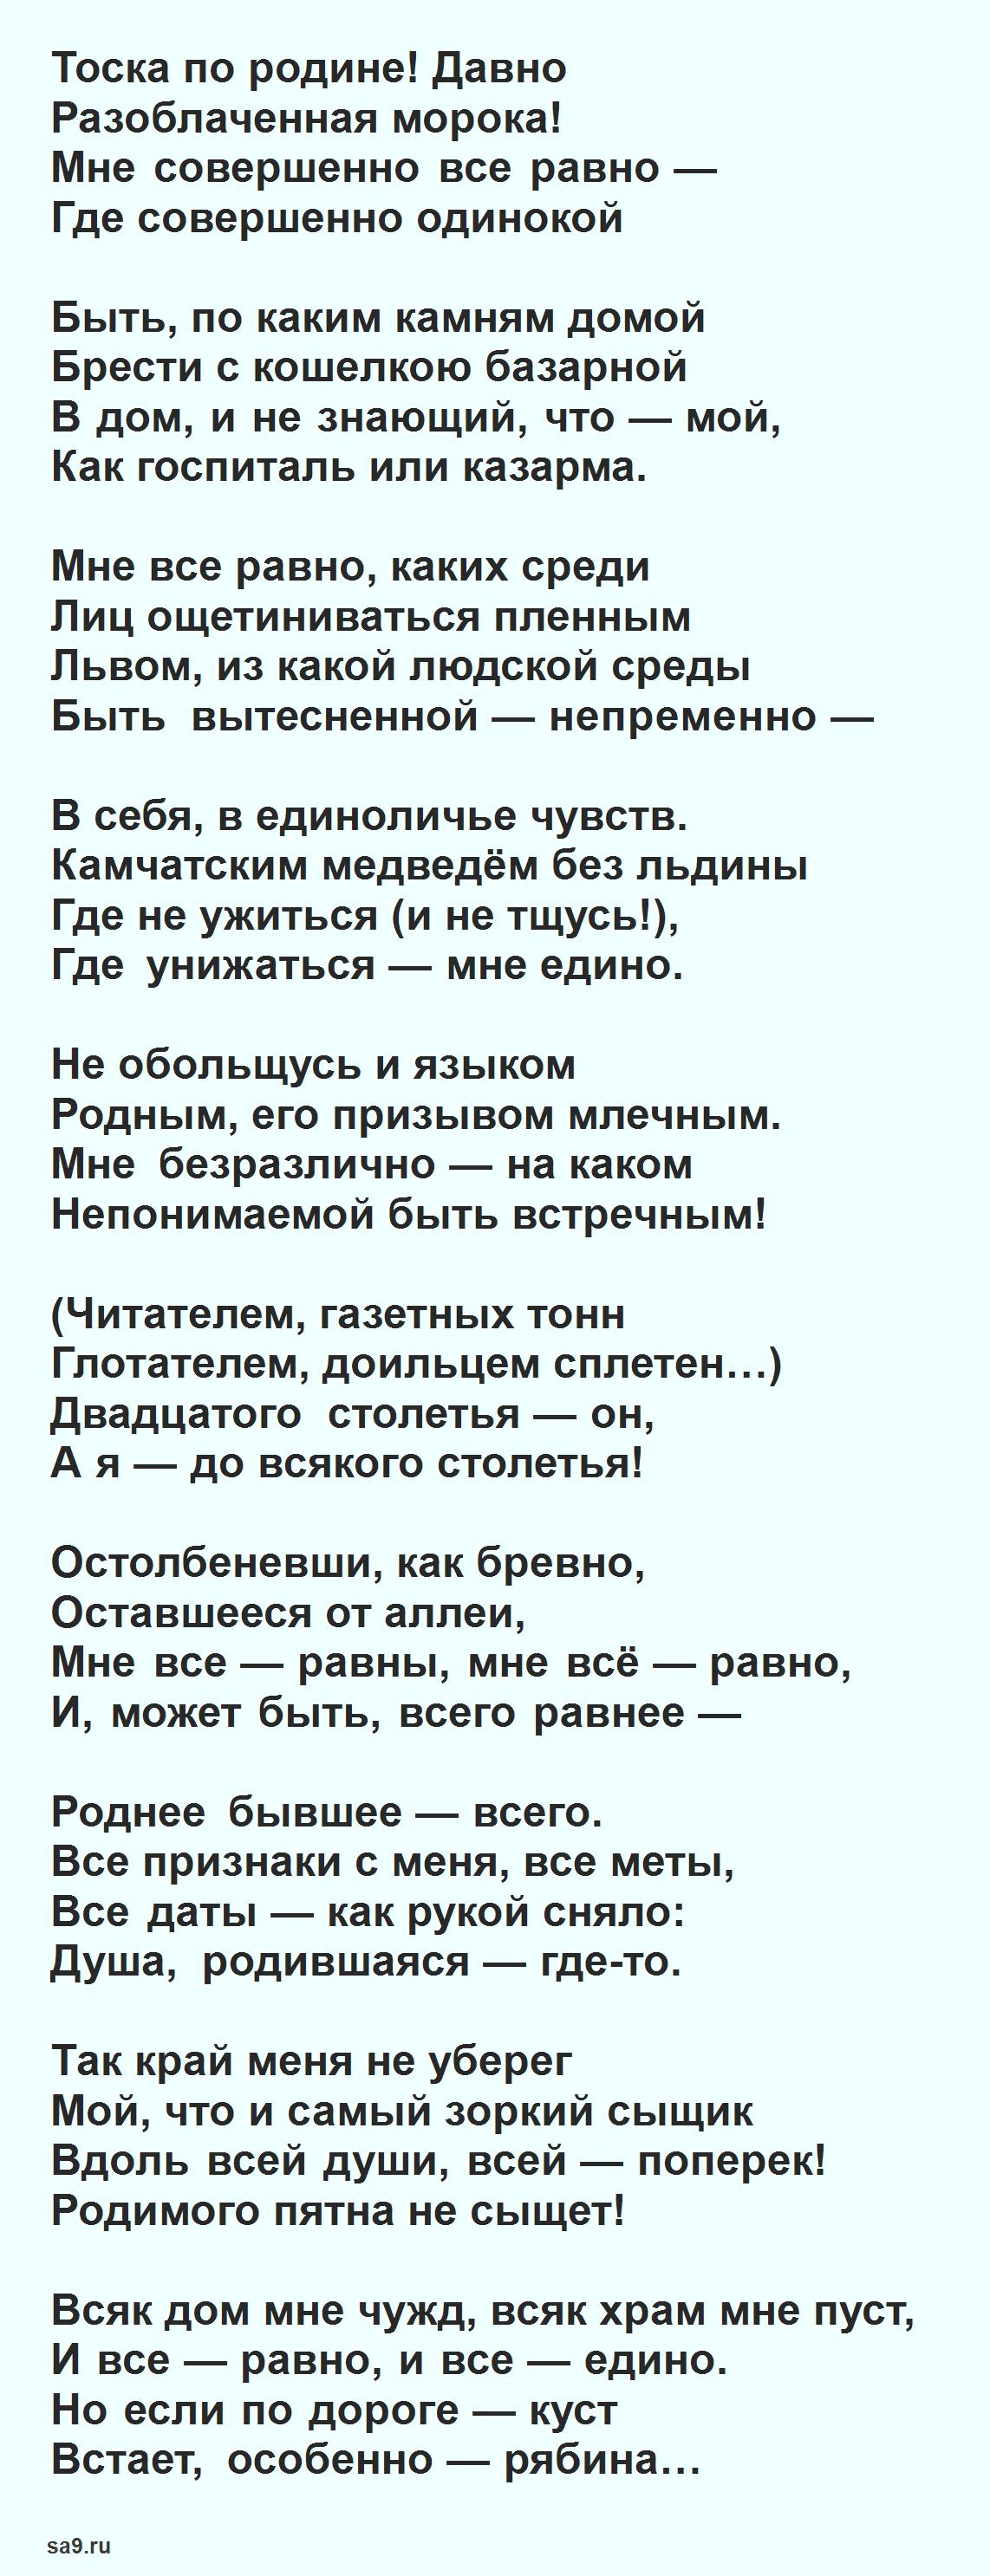 Цветаева стихи о Родине - Тоска по Родине